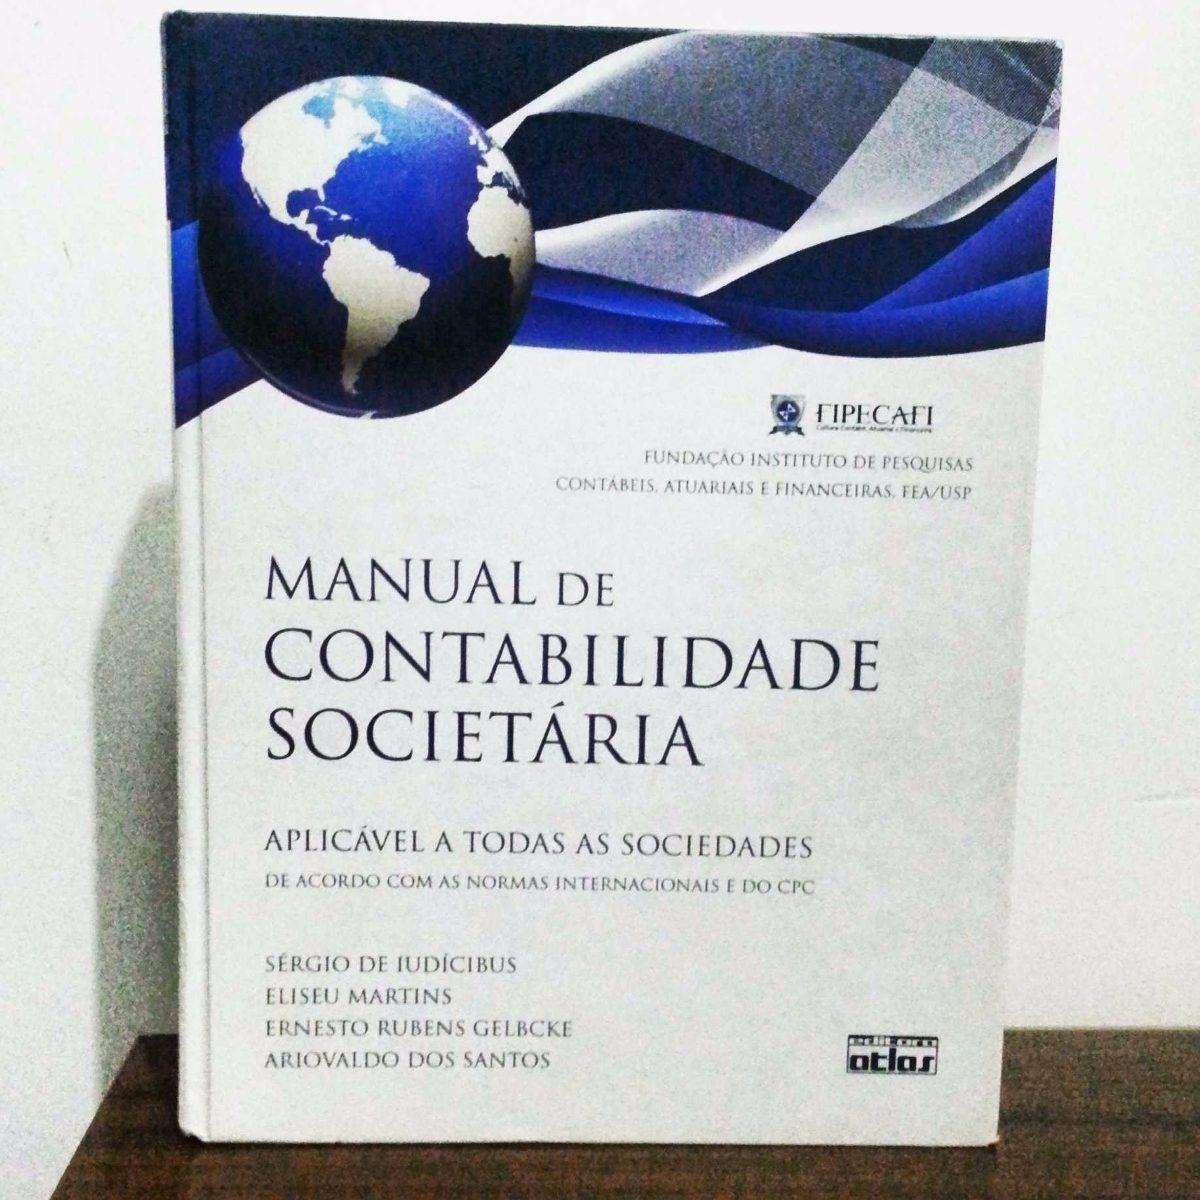 Fipecafi Manual De Contabilidade Societária - Ed Atlas - R